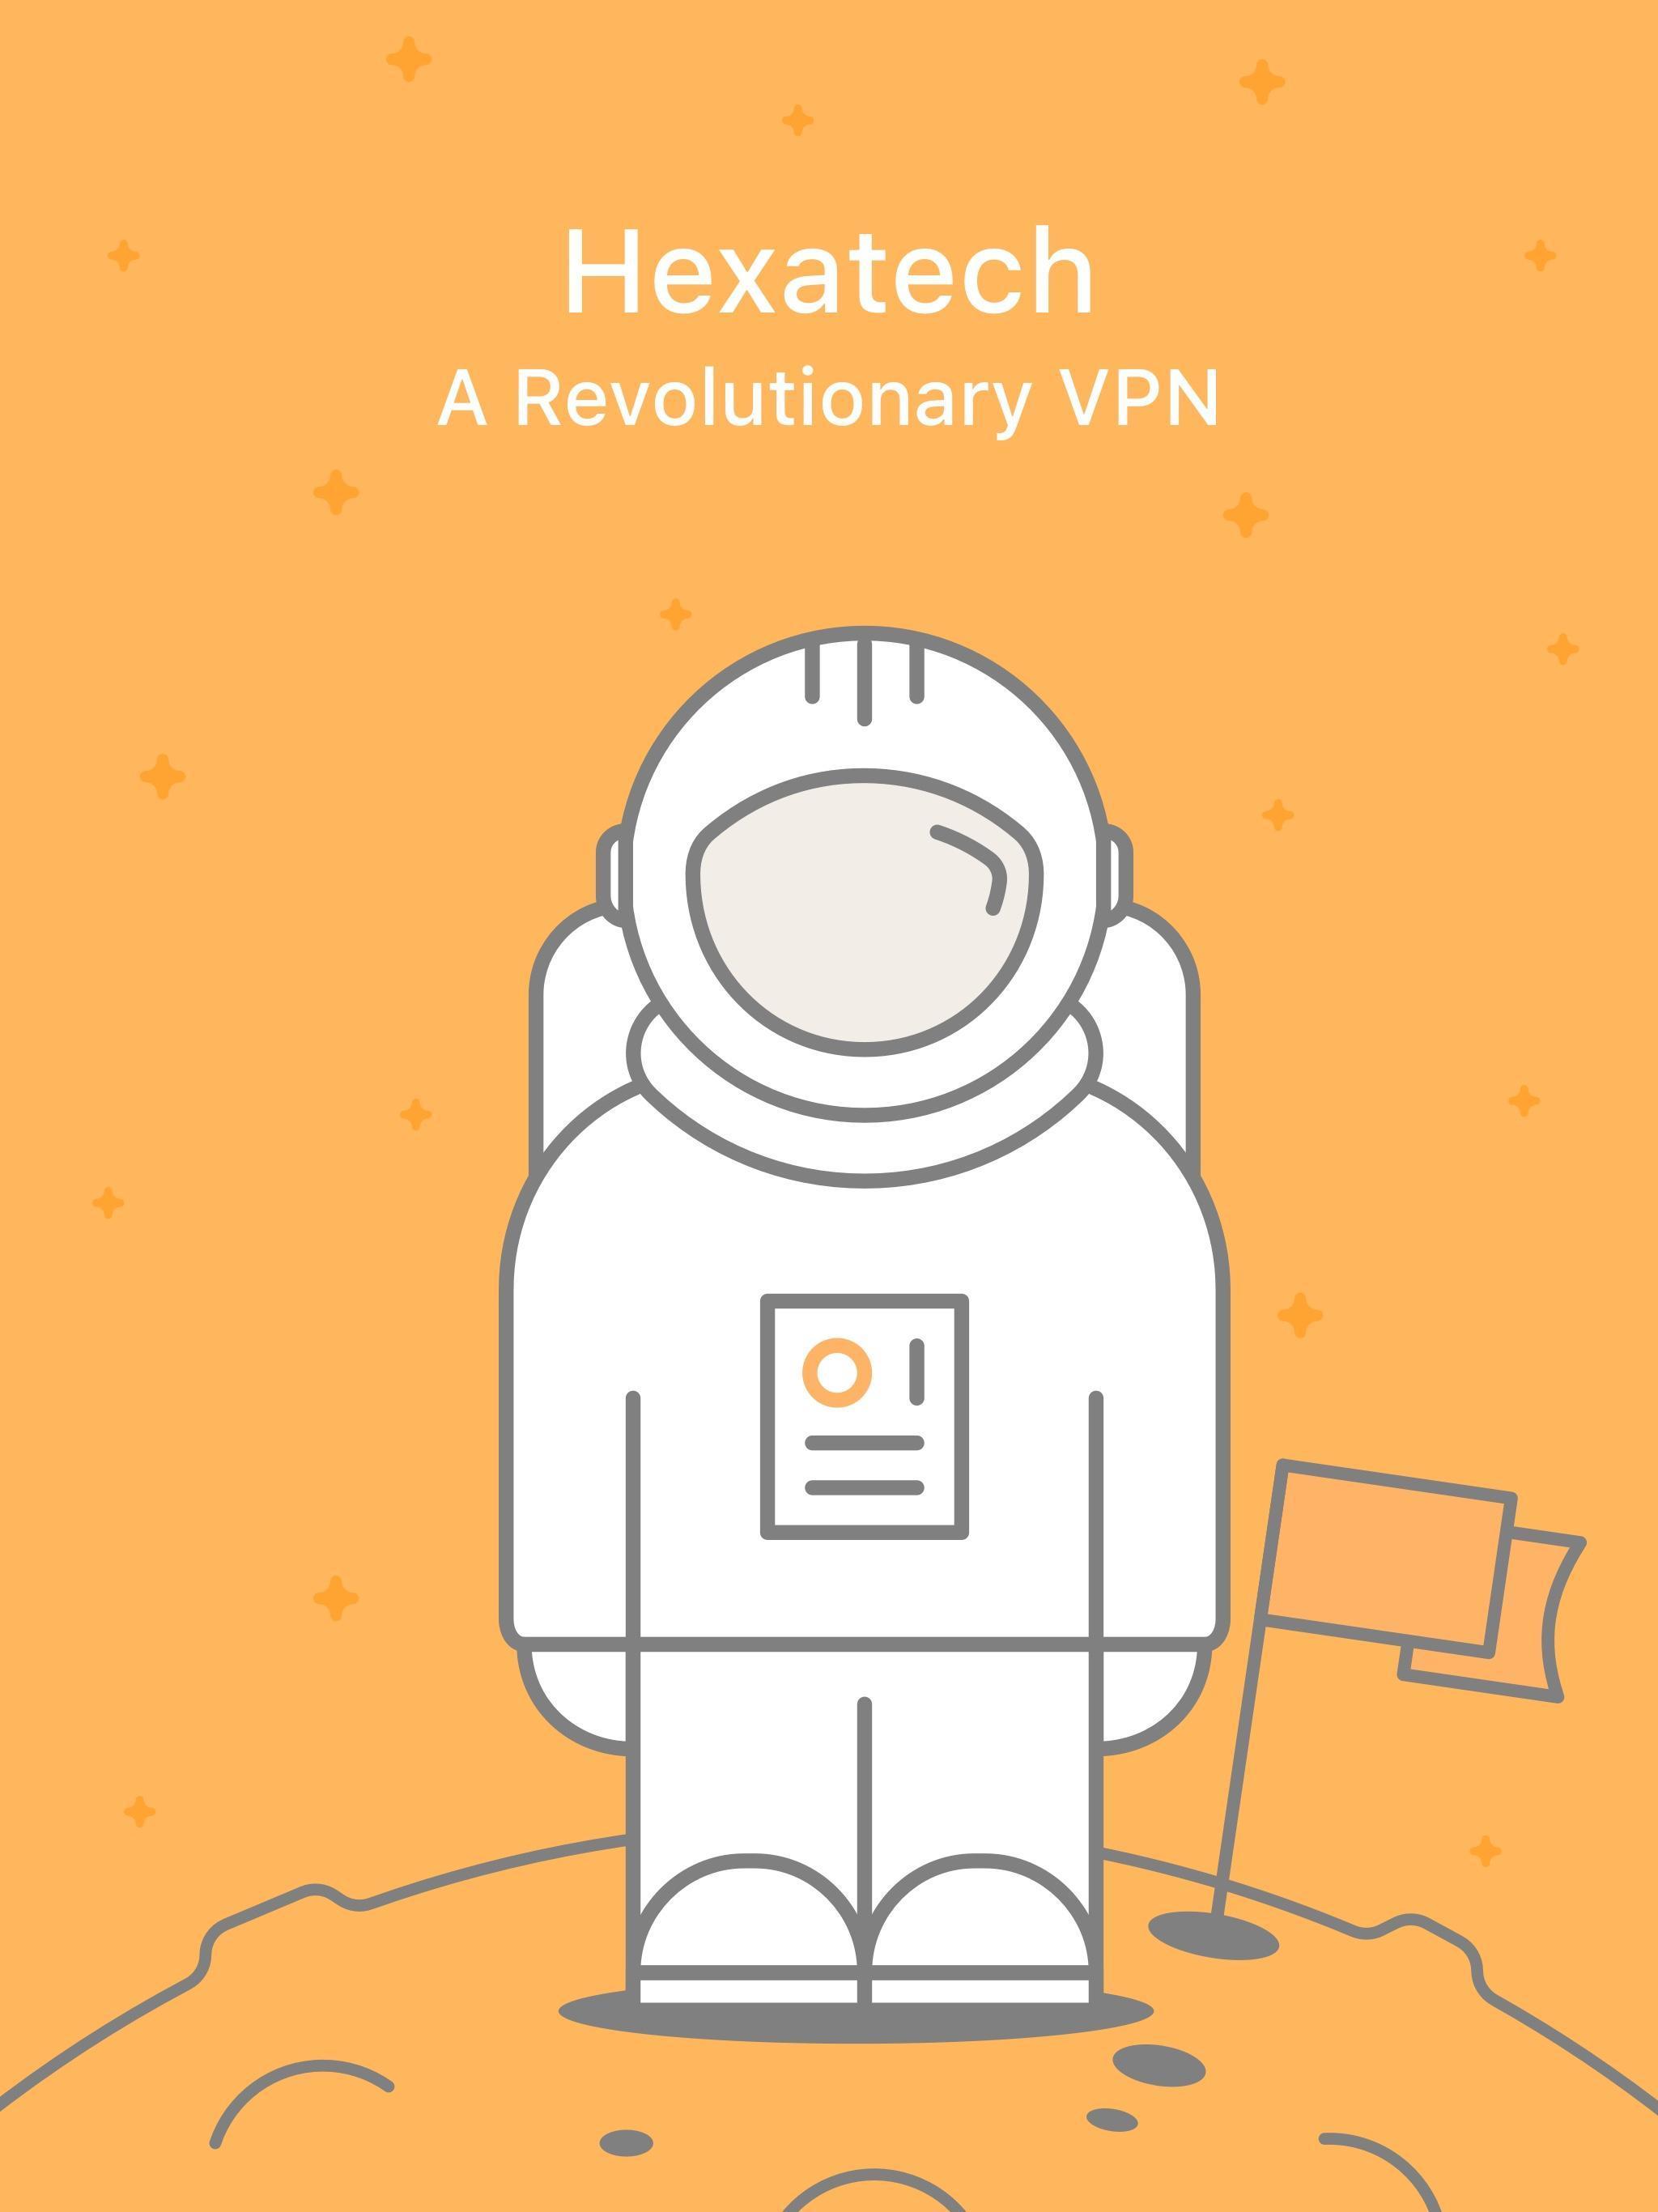 VPN Proxy by Hexatech - Secure VPN & Unlimited VPN 3.1.2 Screenshot 4